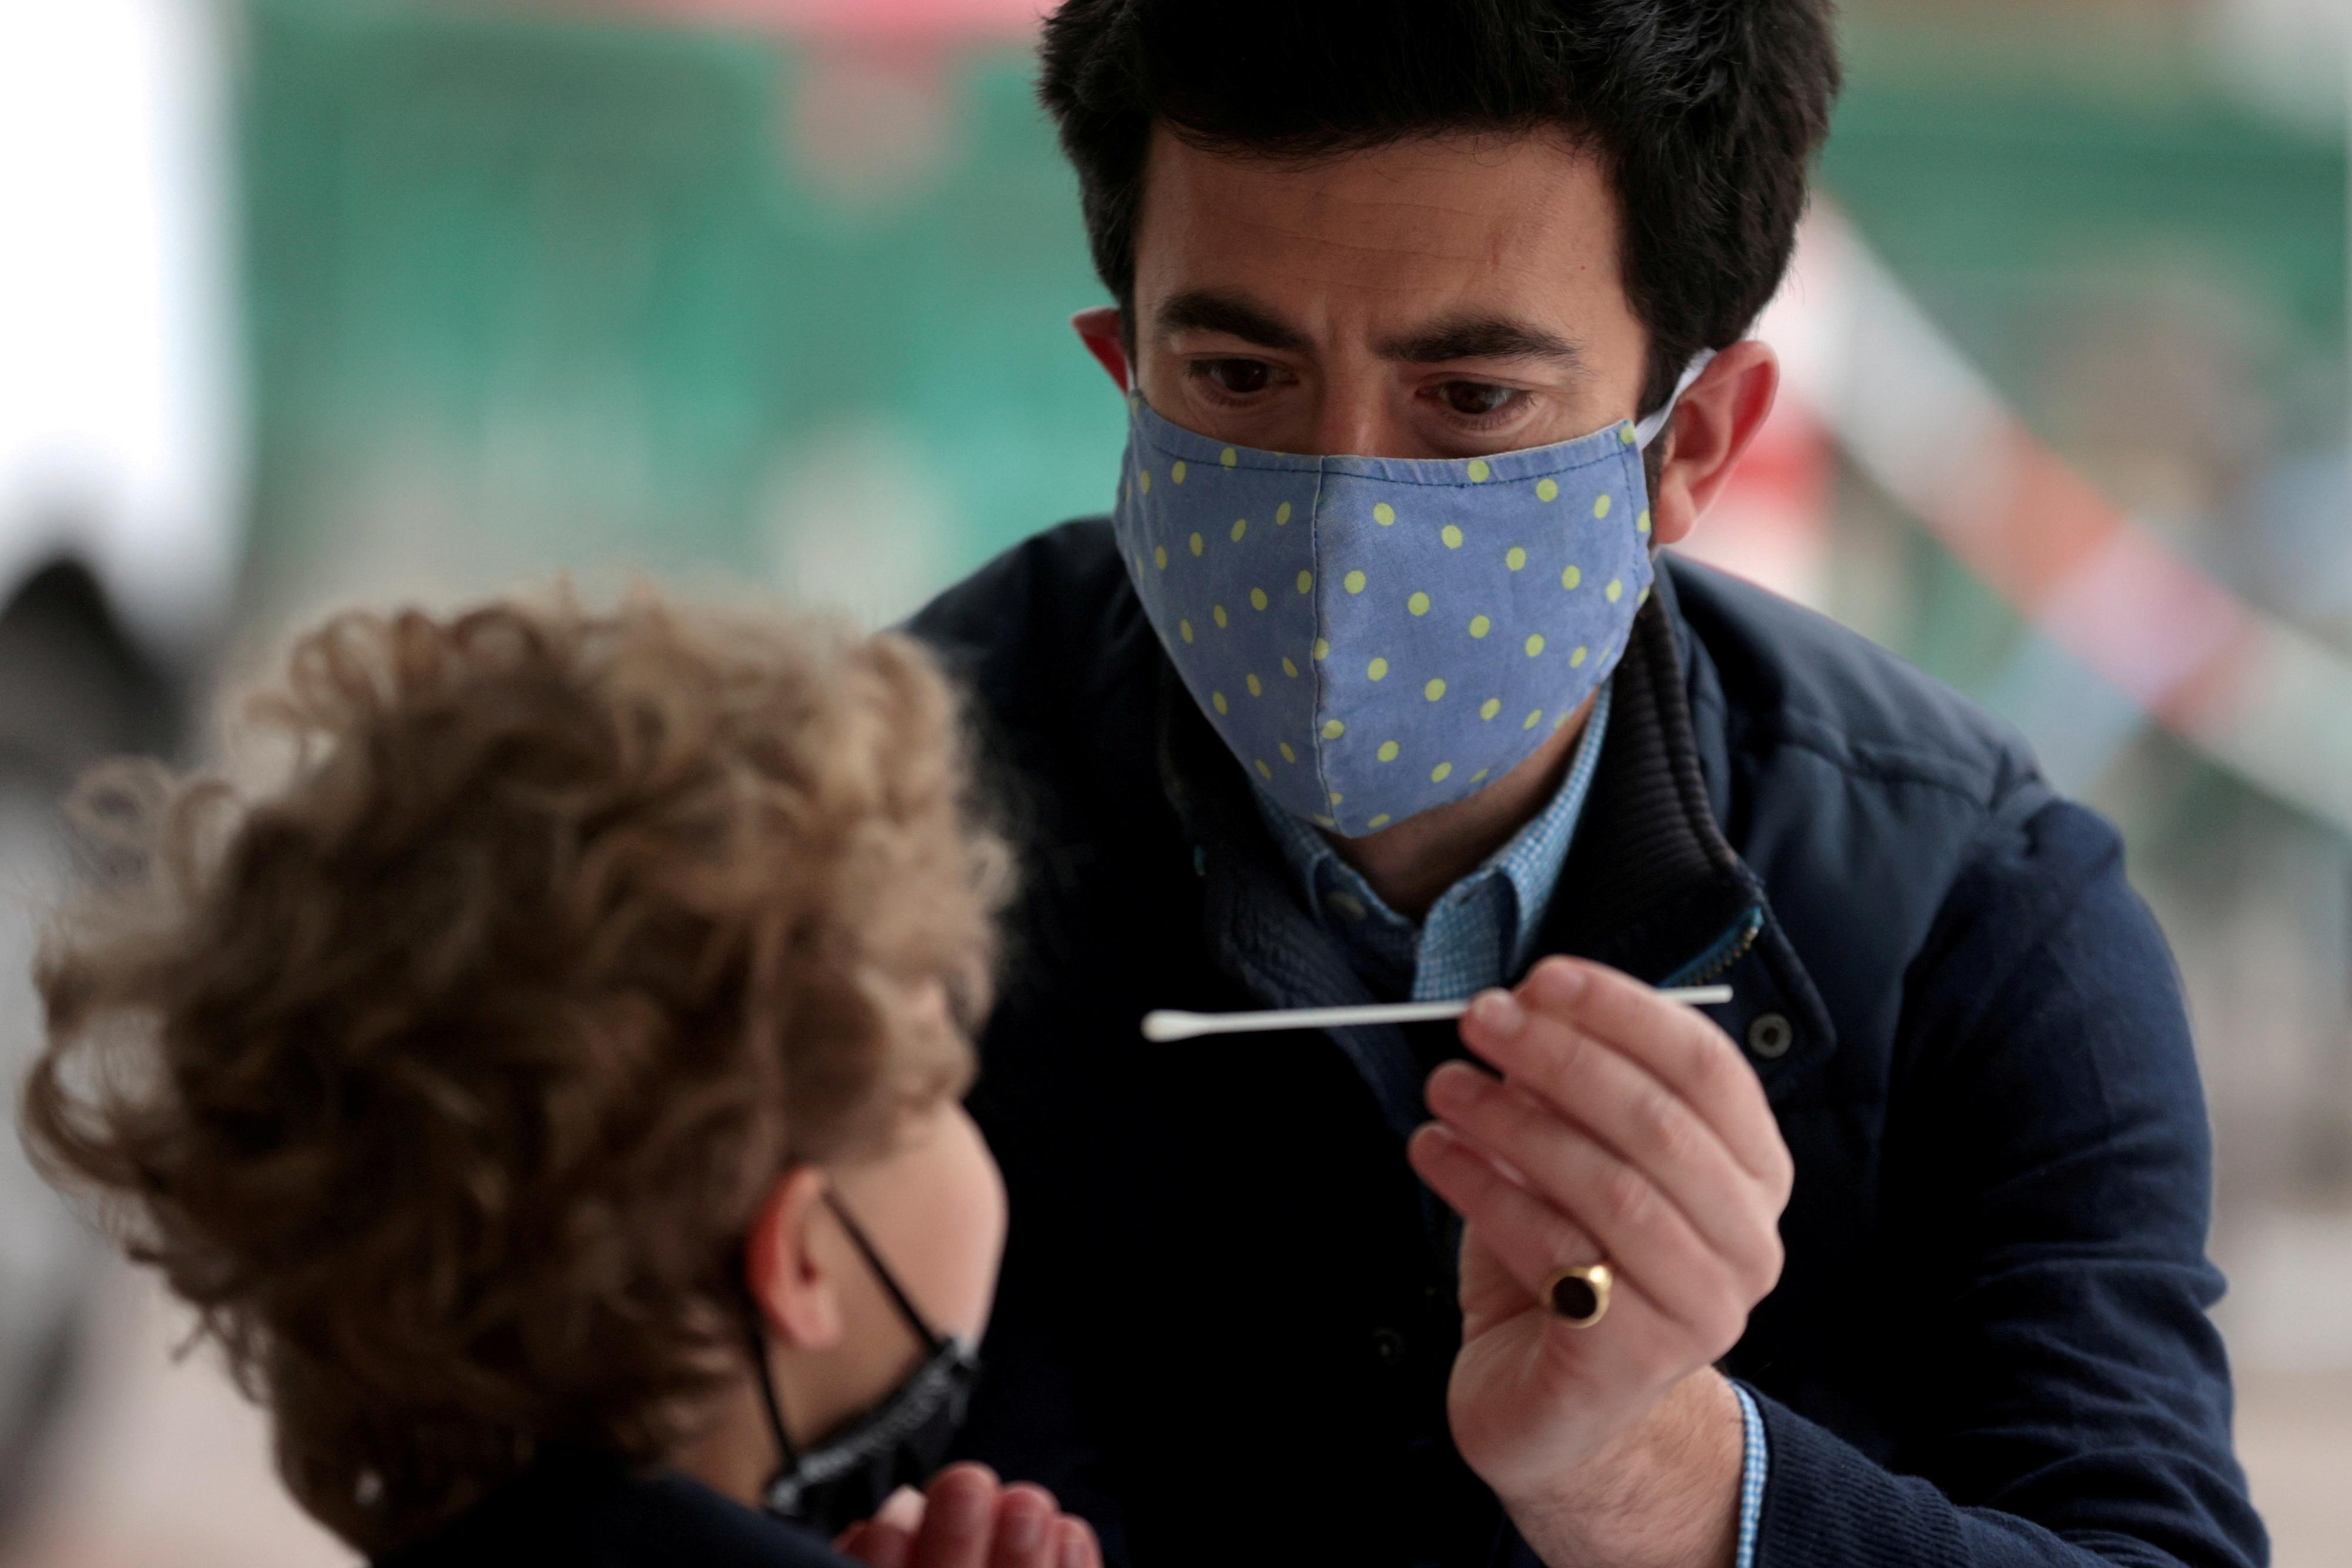 Мужчина берет мазок на коронавирусную болезнь (COVID-19) у своего сына на испытательном полигоне в Лондоне, Великобритания, 14 мая 2021 года. REUTERS/Ханна Маккей